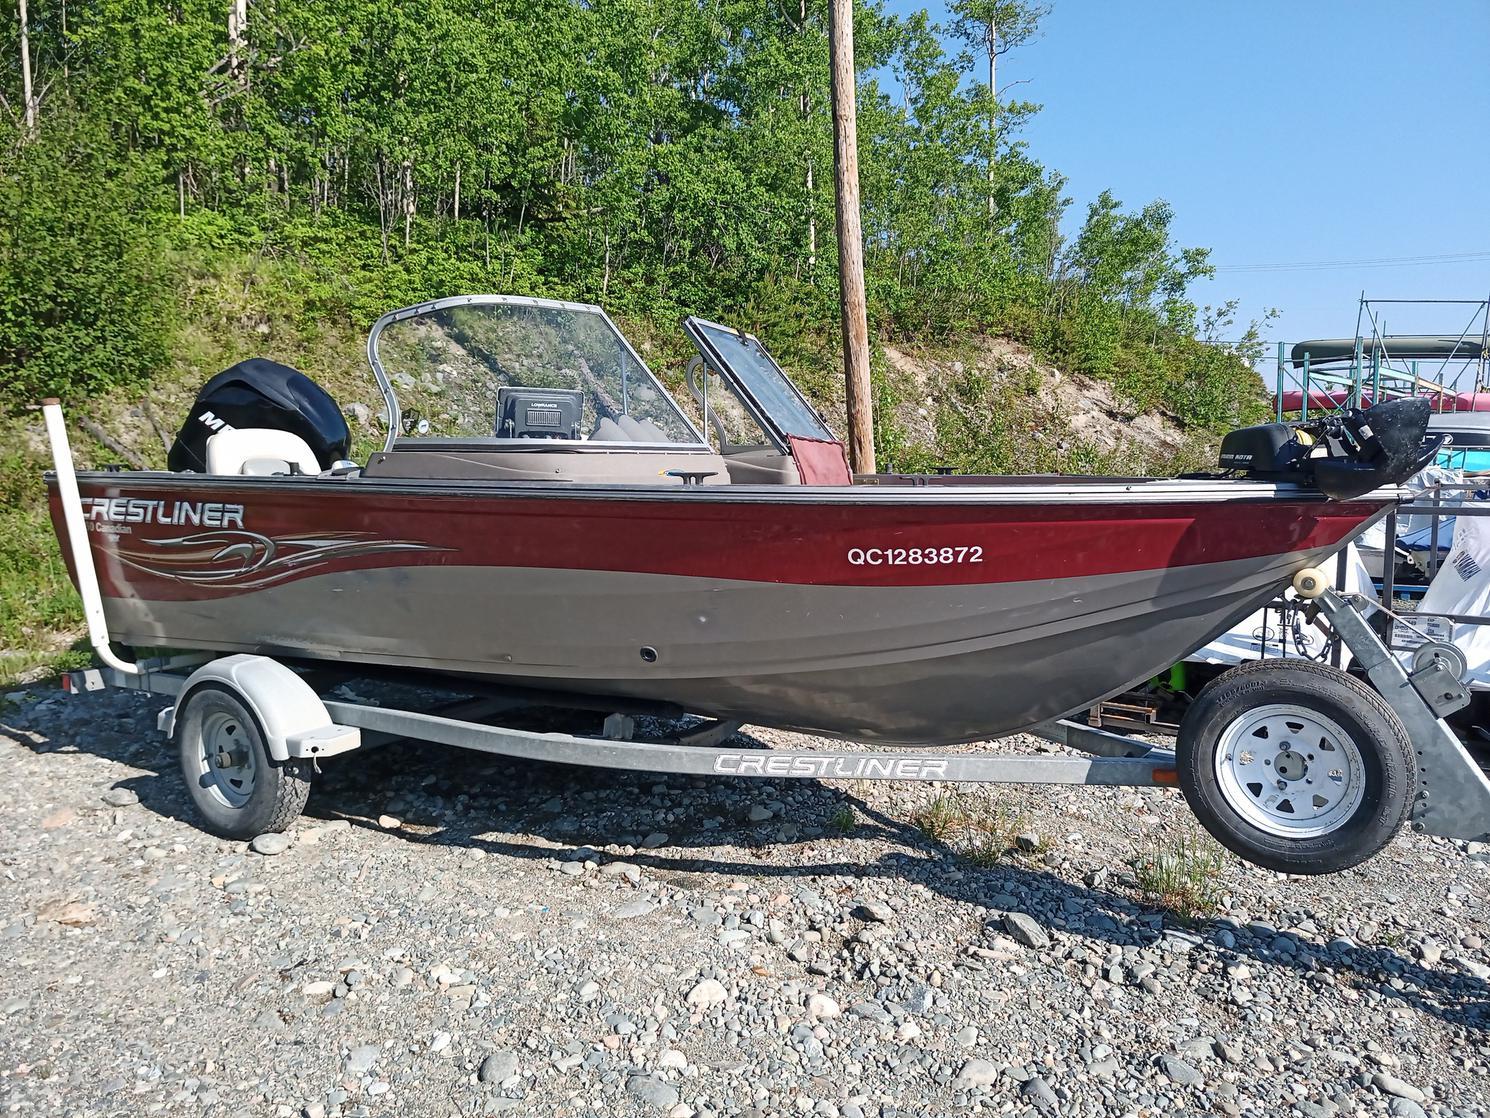 Crestliner 1650 Canadian Edition 2008